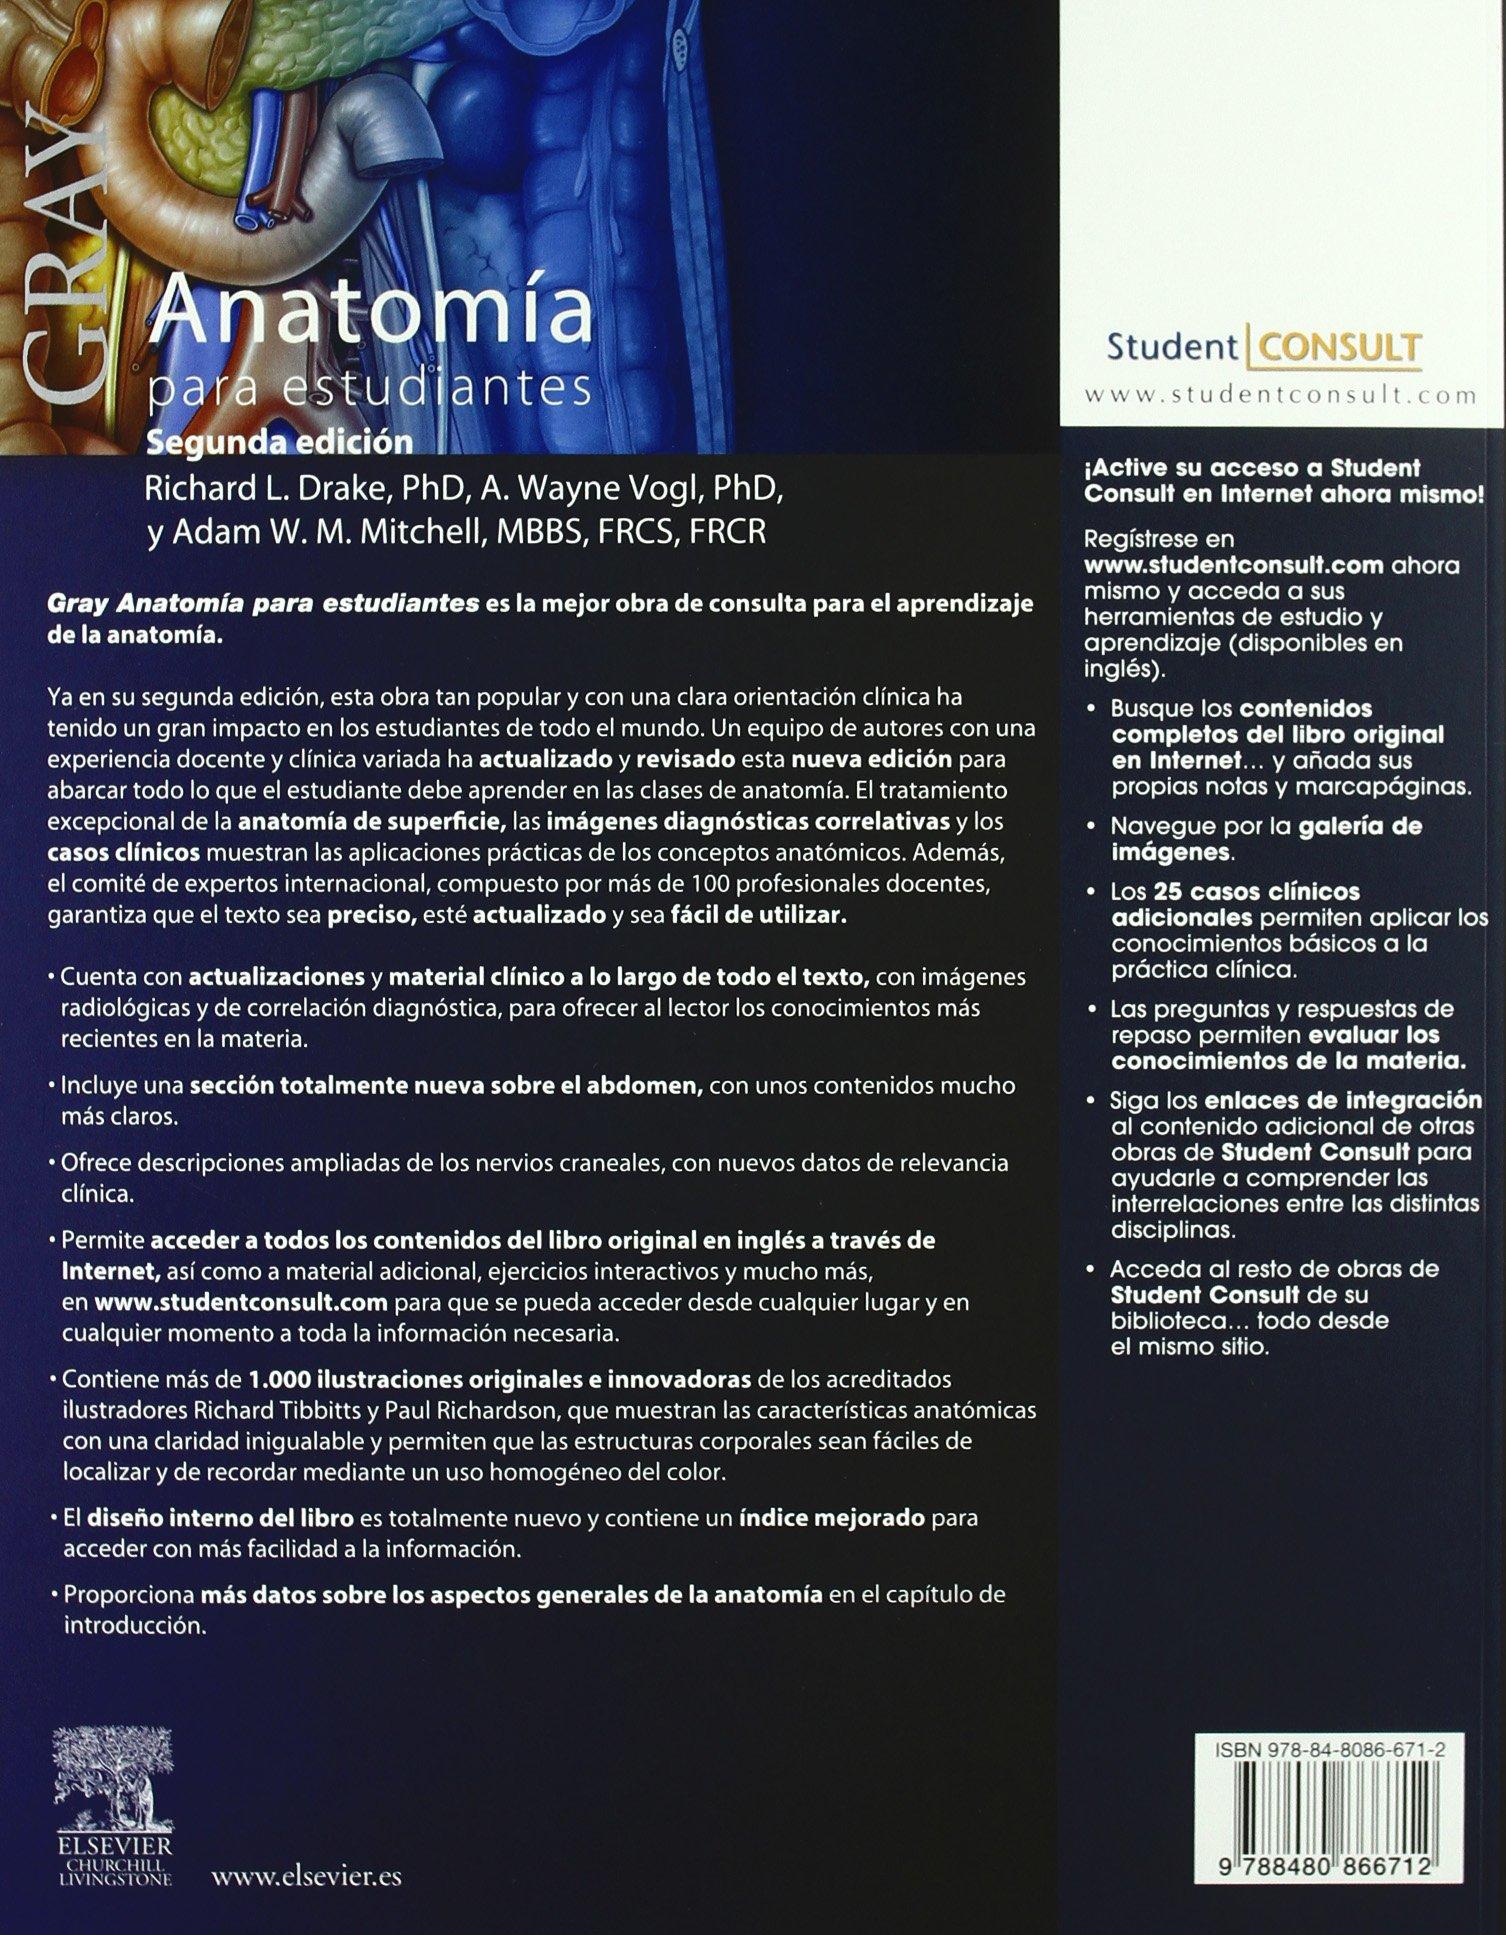 GRAY. Anatomía para estudiantes + Student Consult: Amazon.es: R.L. ...